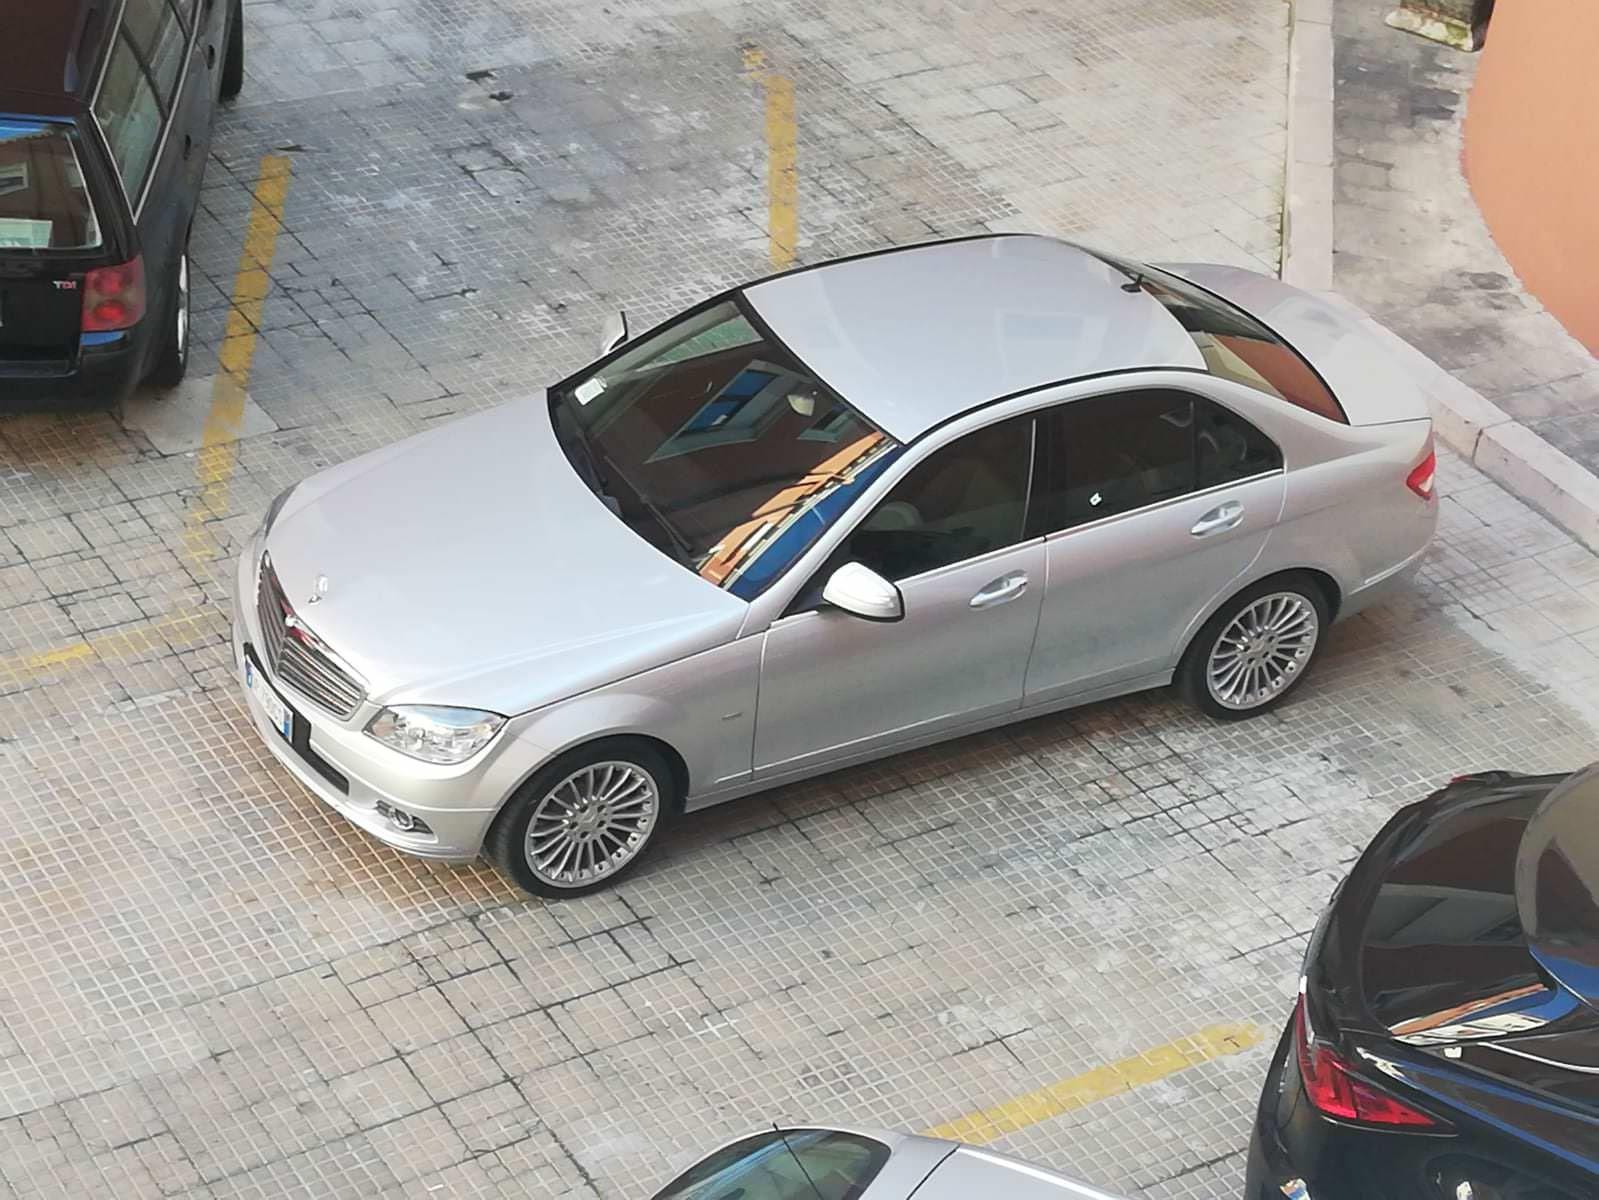 Il sindaco di Crotone userà un'auto confiscata alla 'ndrangheta